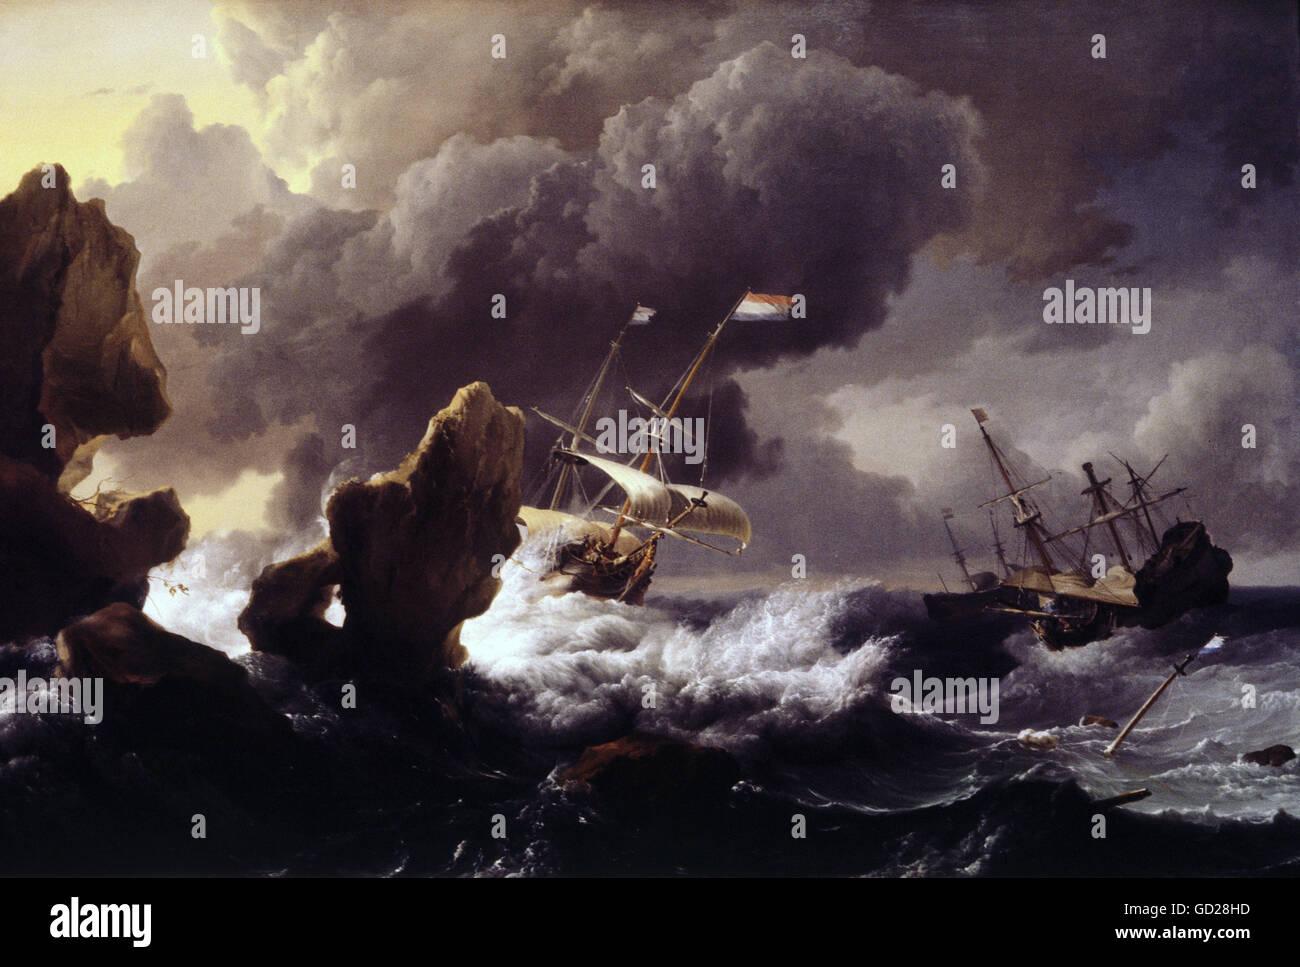 Belle arti, Bakhuizen, Ludolf (1630 - 1708), pittura, le navi in una tempesta prima di una scogliera, olio su tela, Immagini Stock